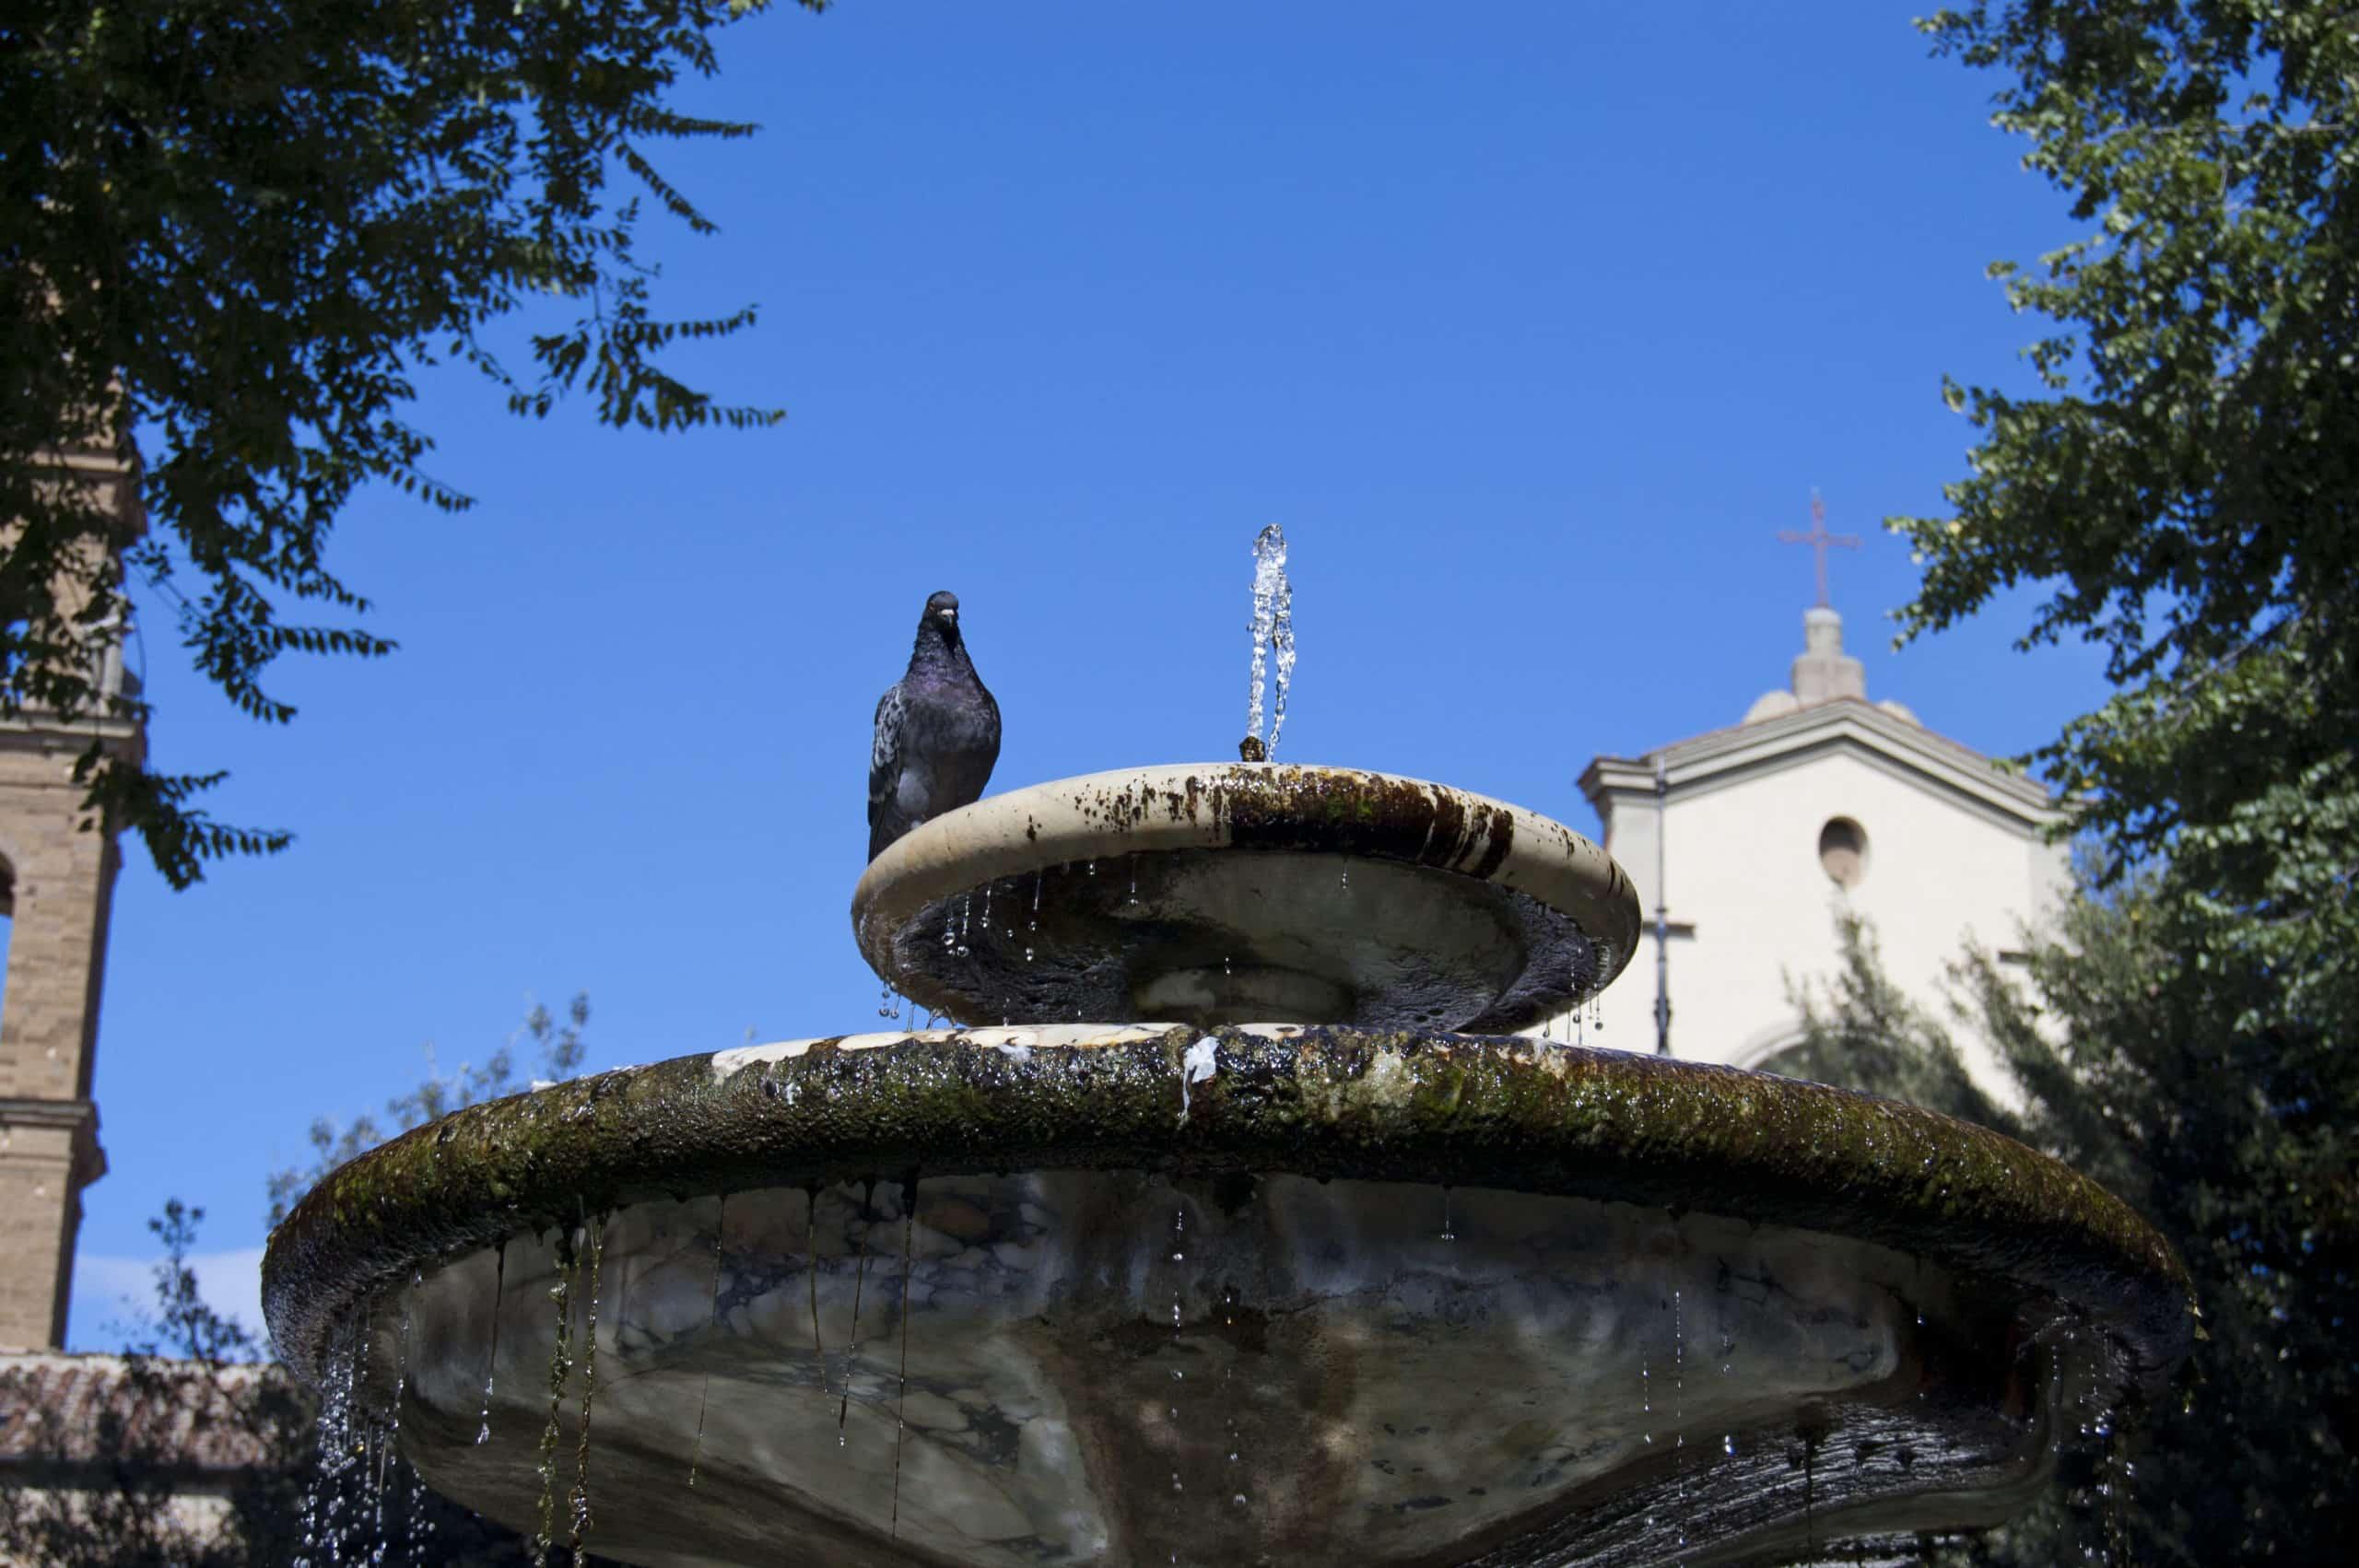 Visita Guiada no Oltrarno, seus ateliês e artesãos